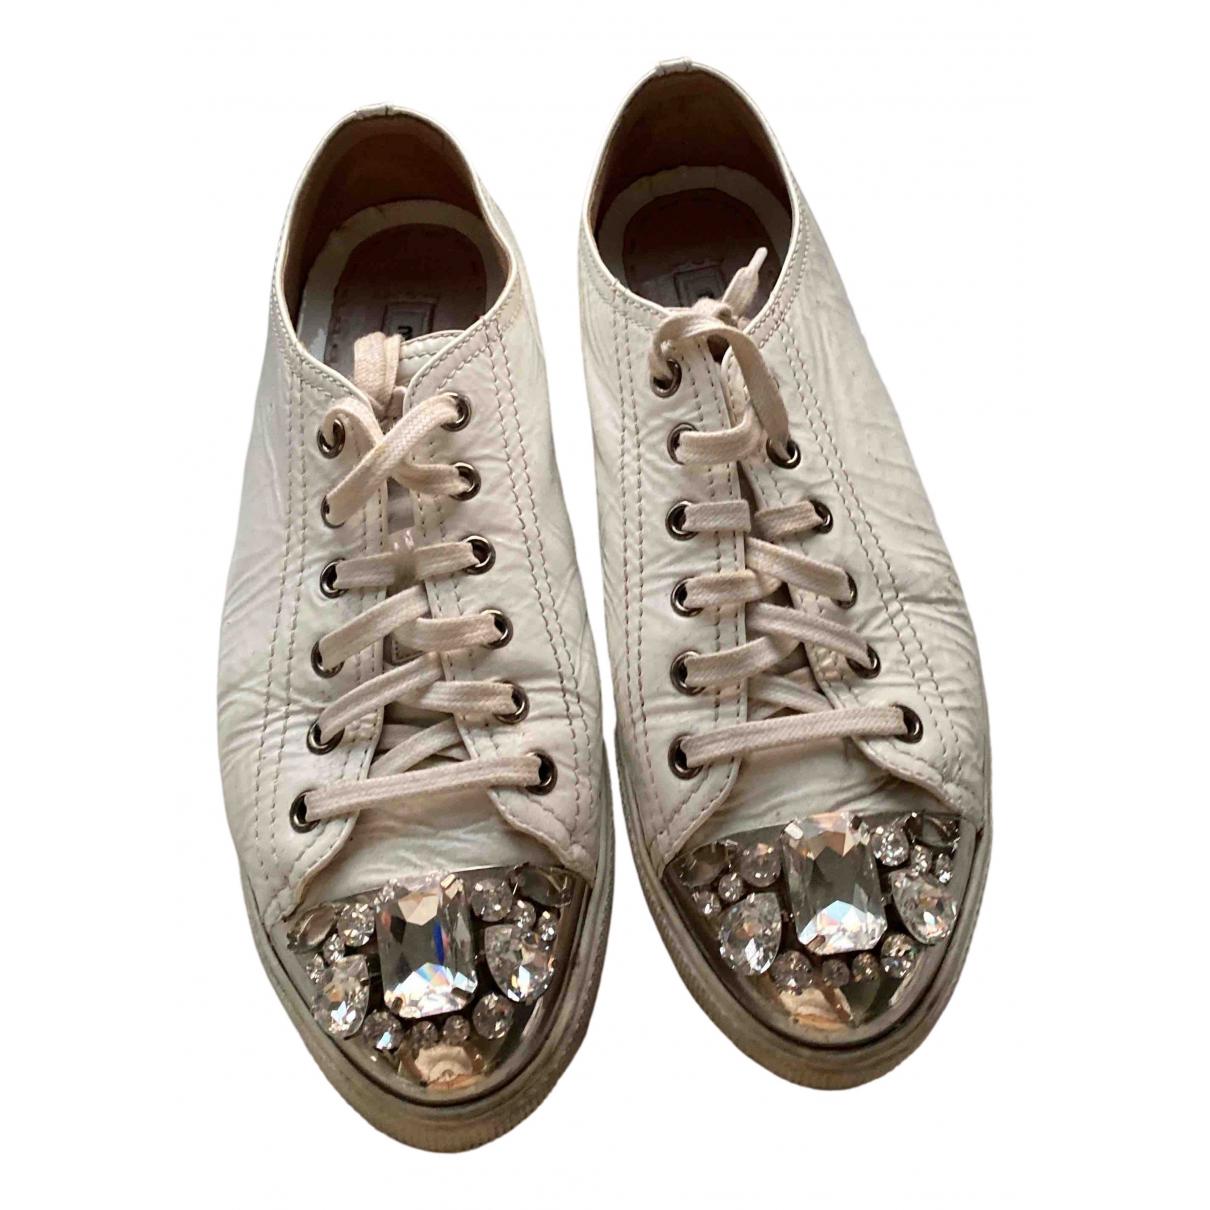 Miu Miu \N Sneakers in  Weiss Lackleder